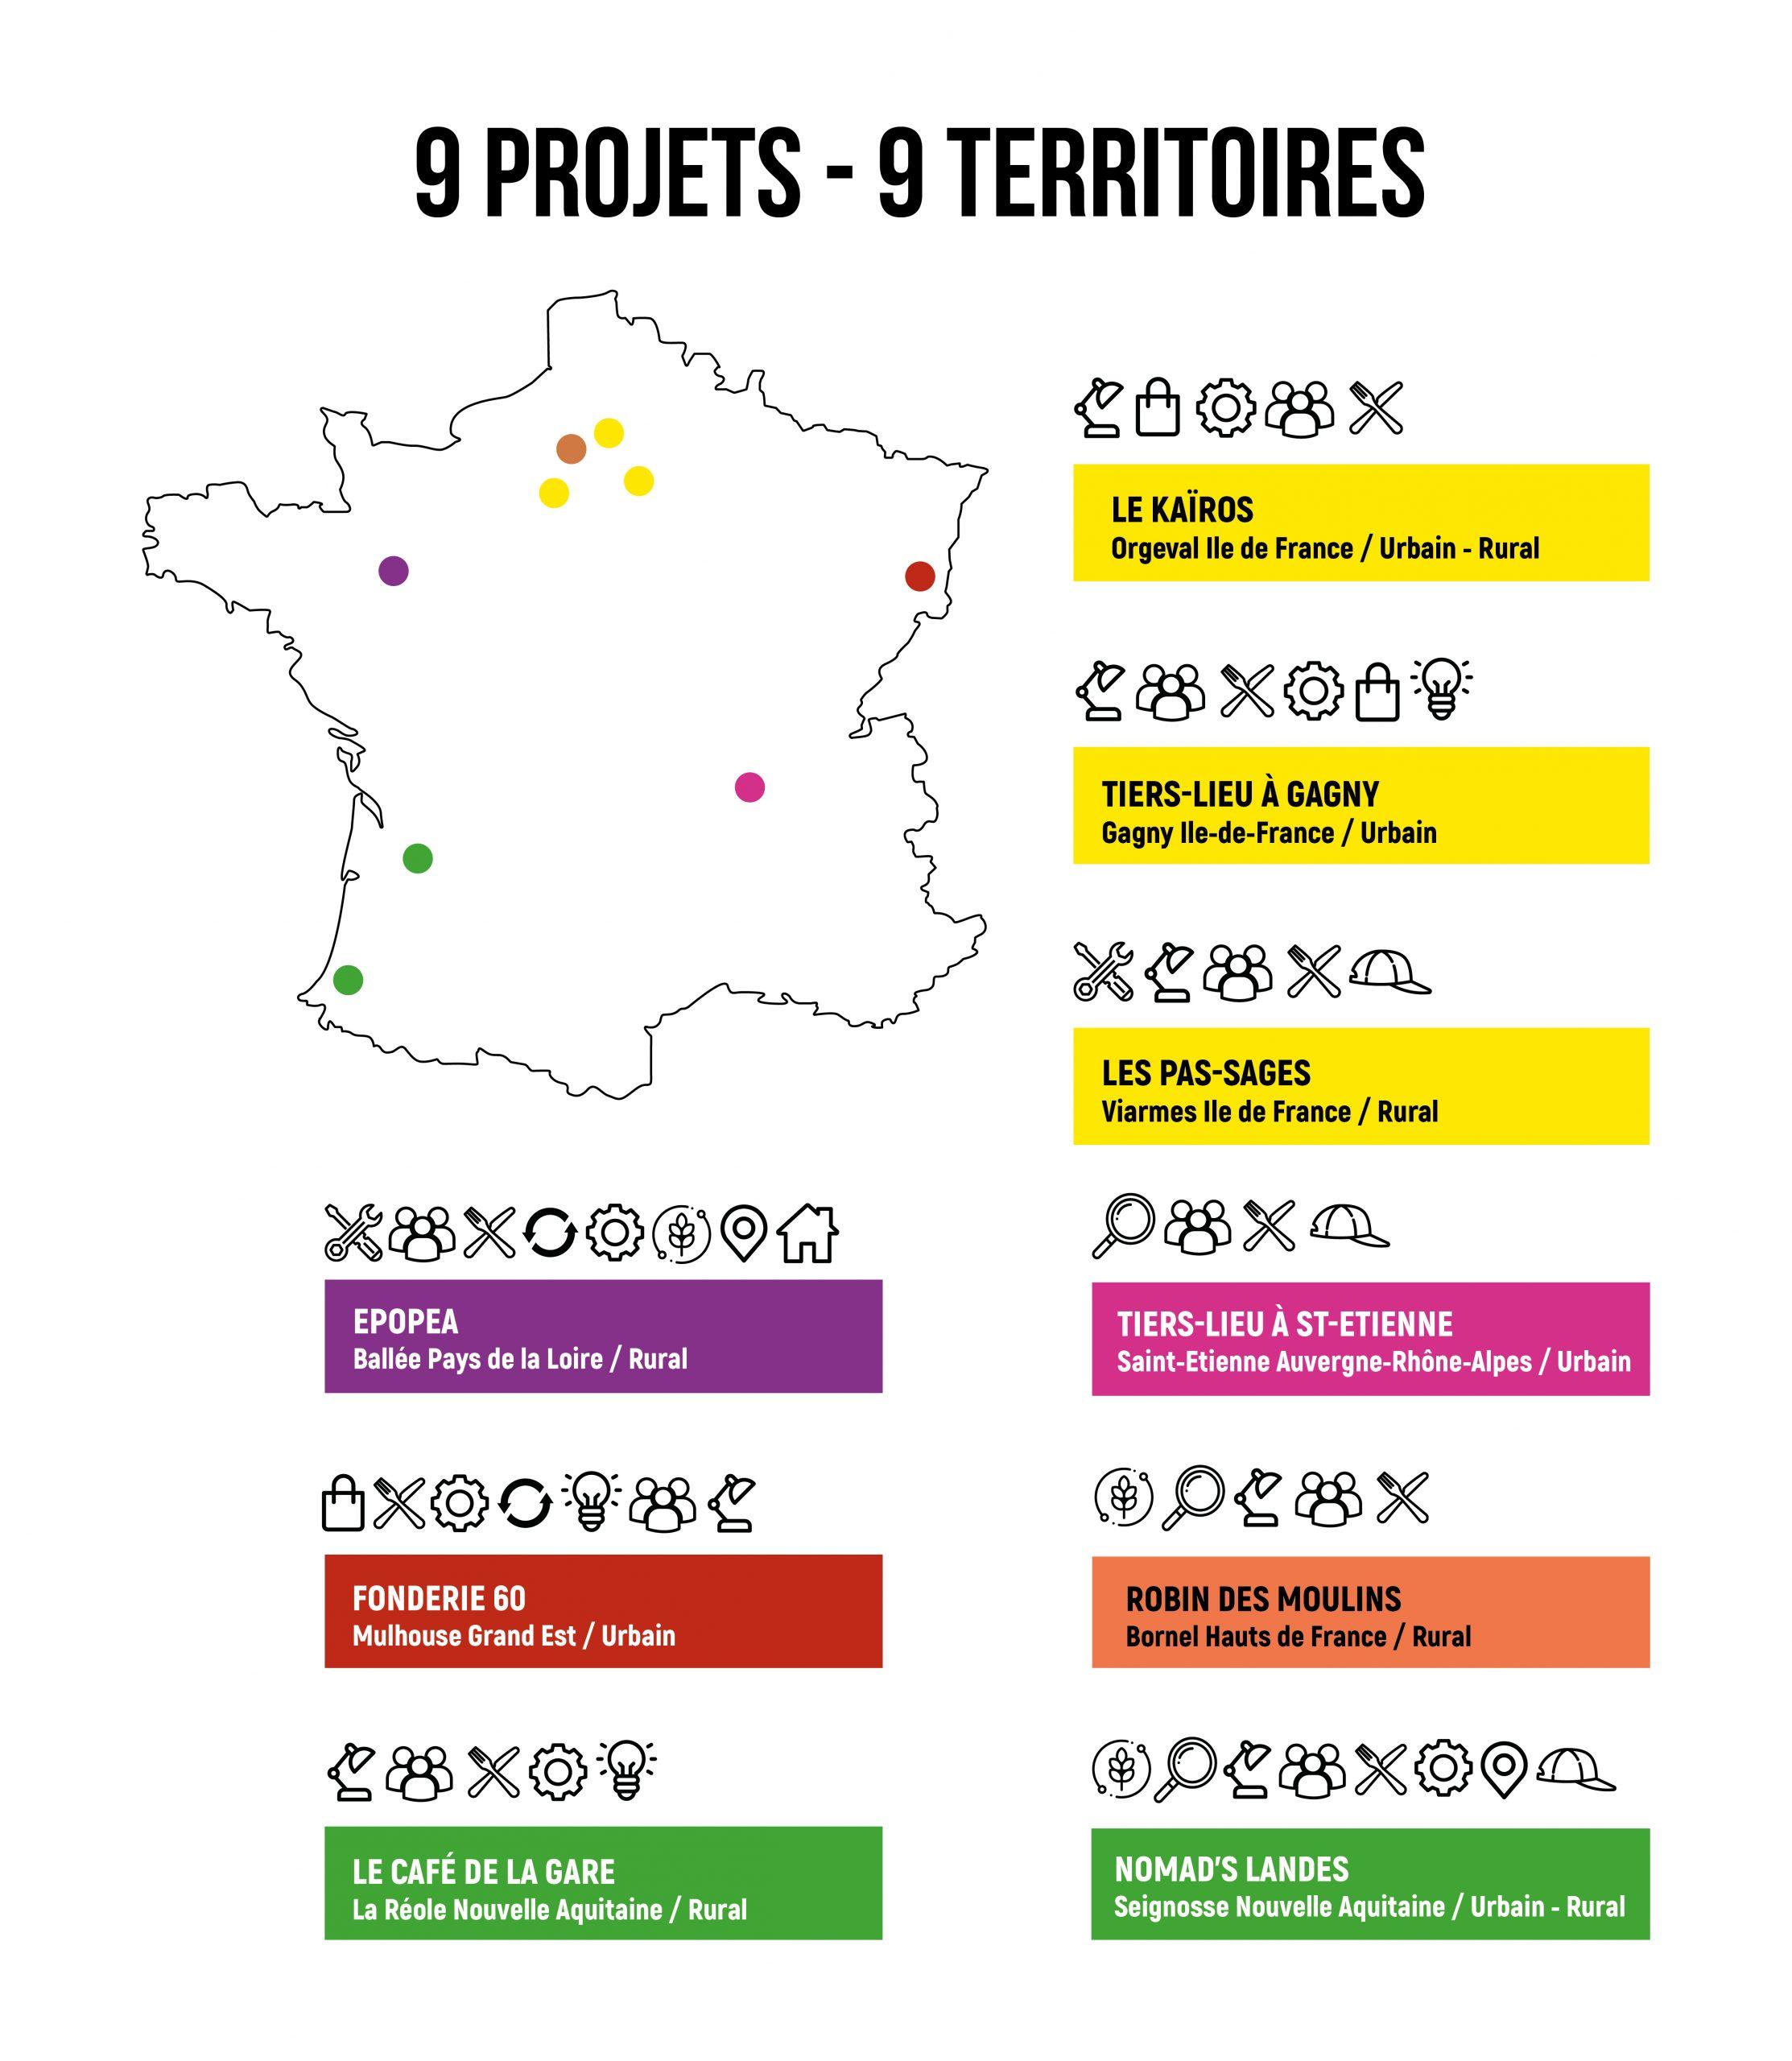 Carte de France avec les projets de tiers-lieux